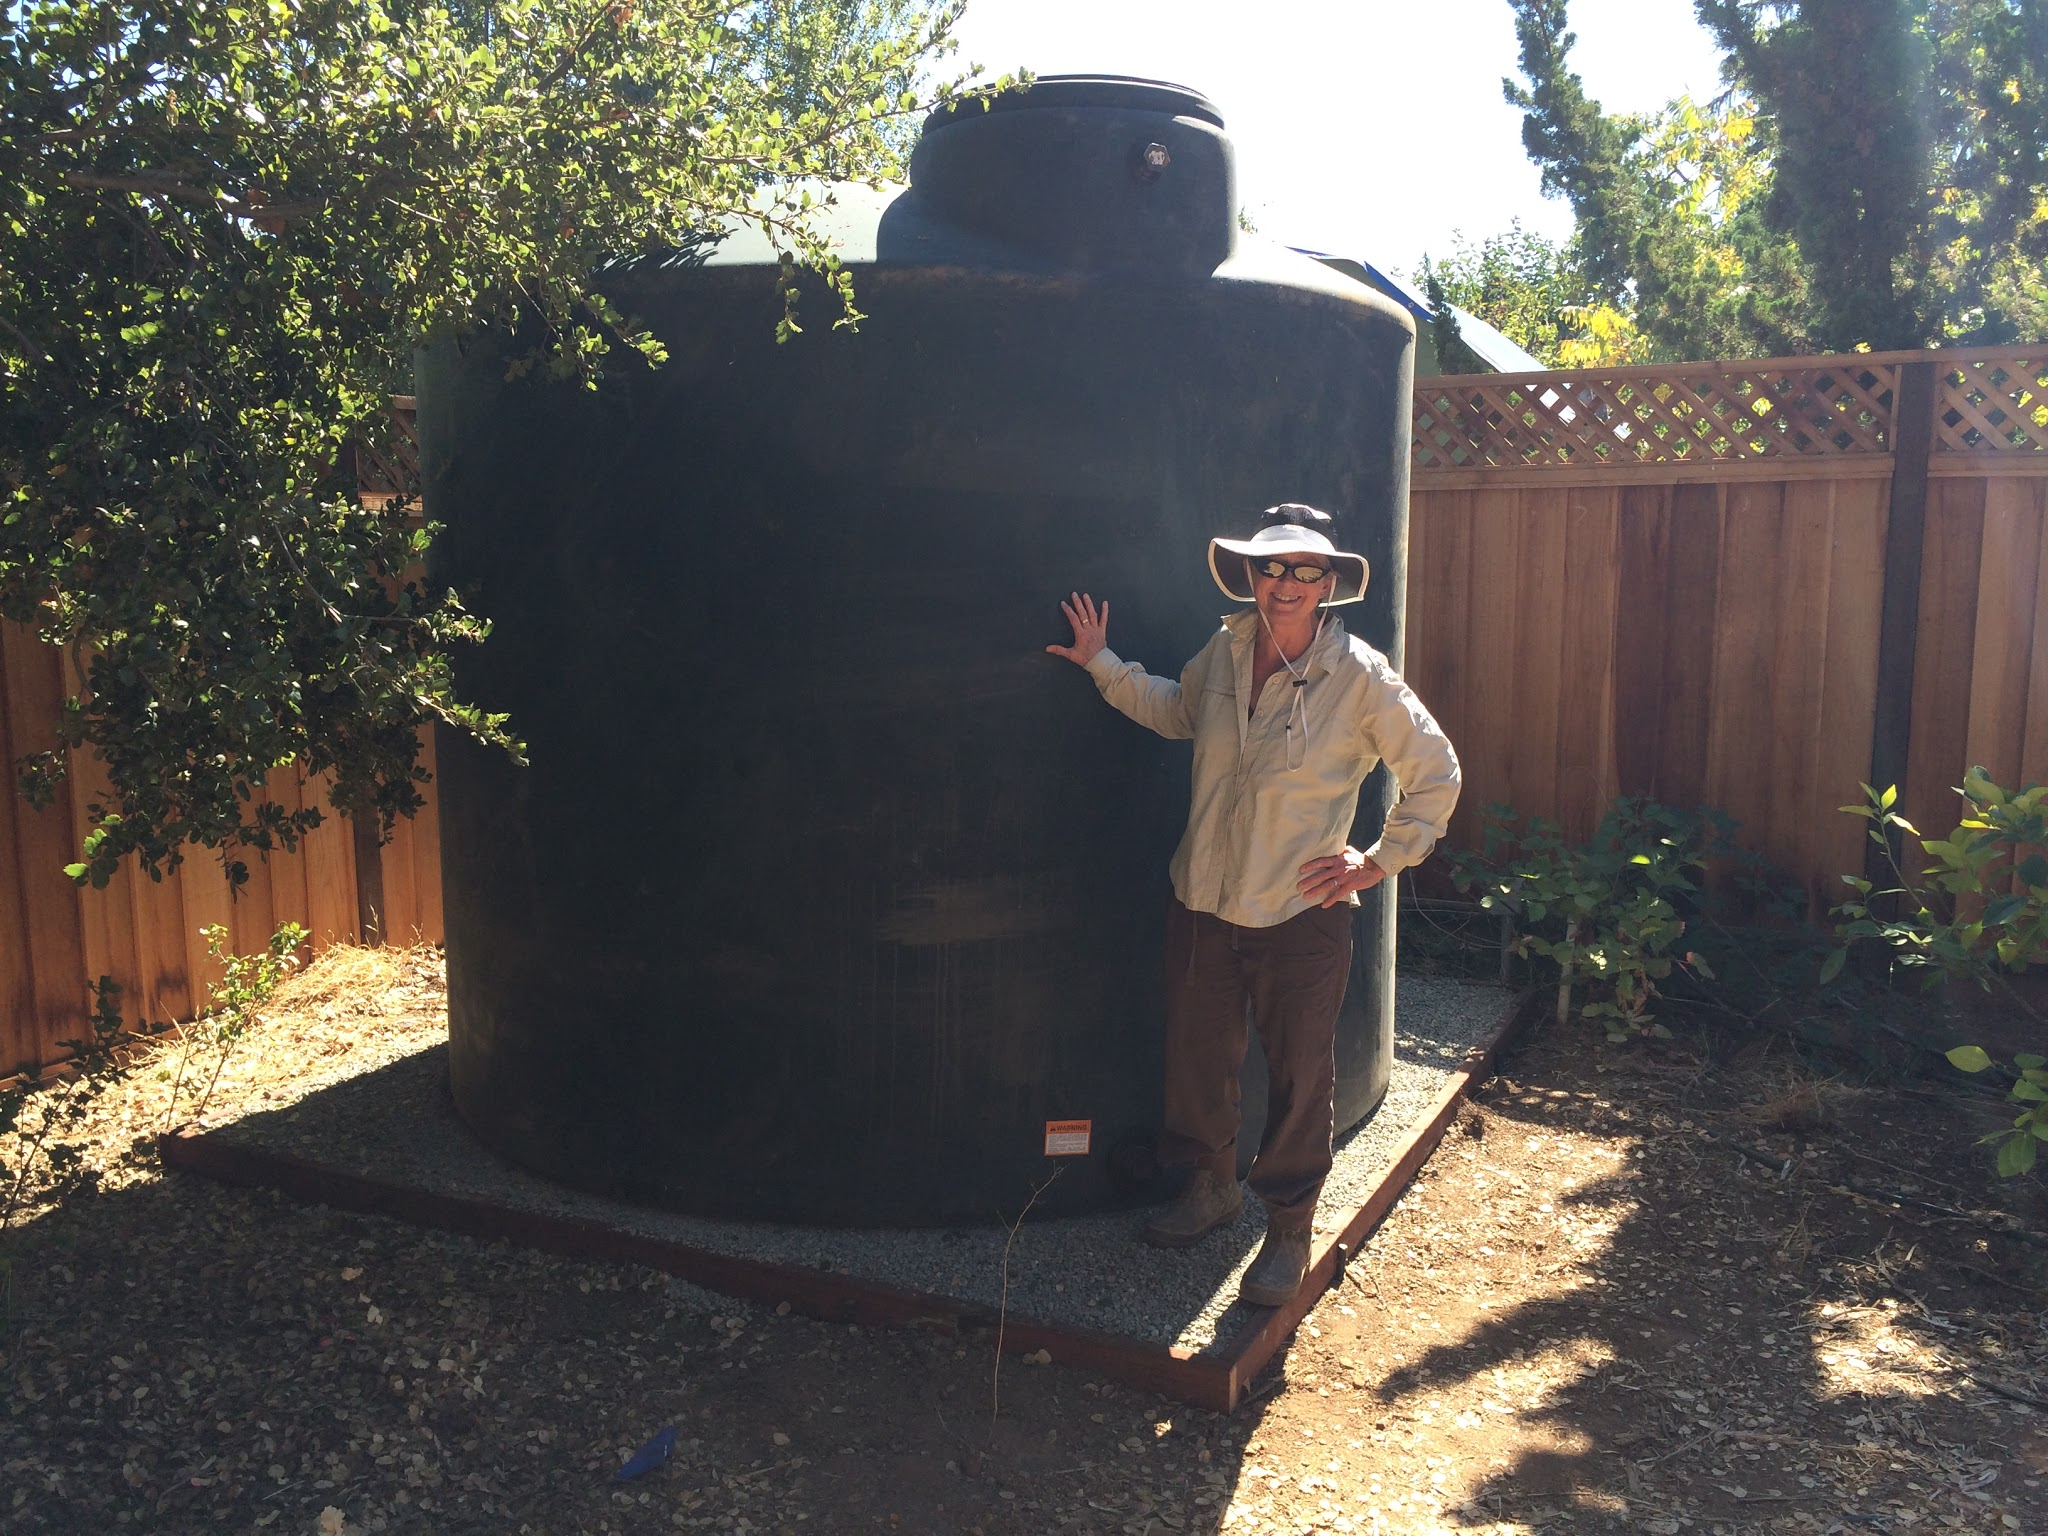 rainwater-tank-aboveground_los-altos.JPG